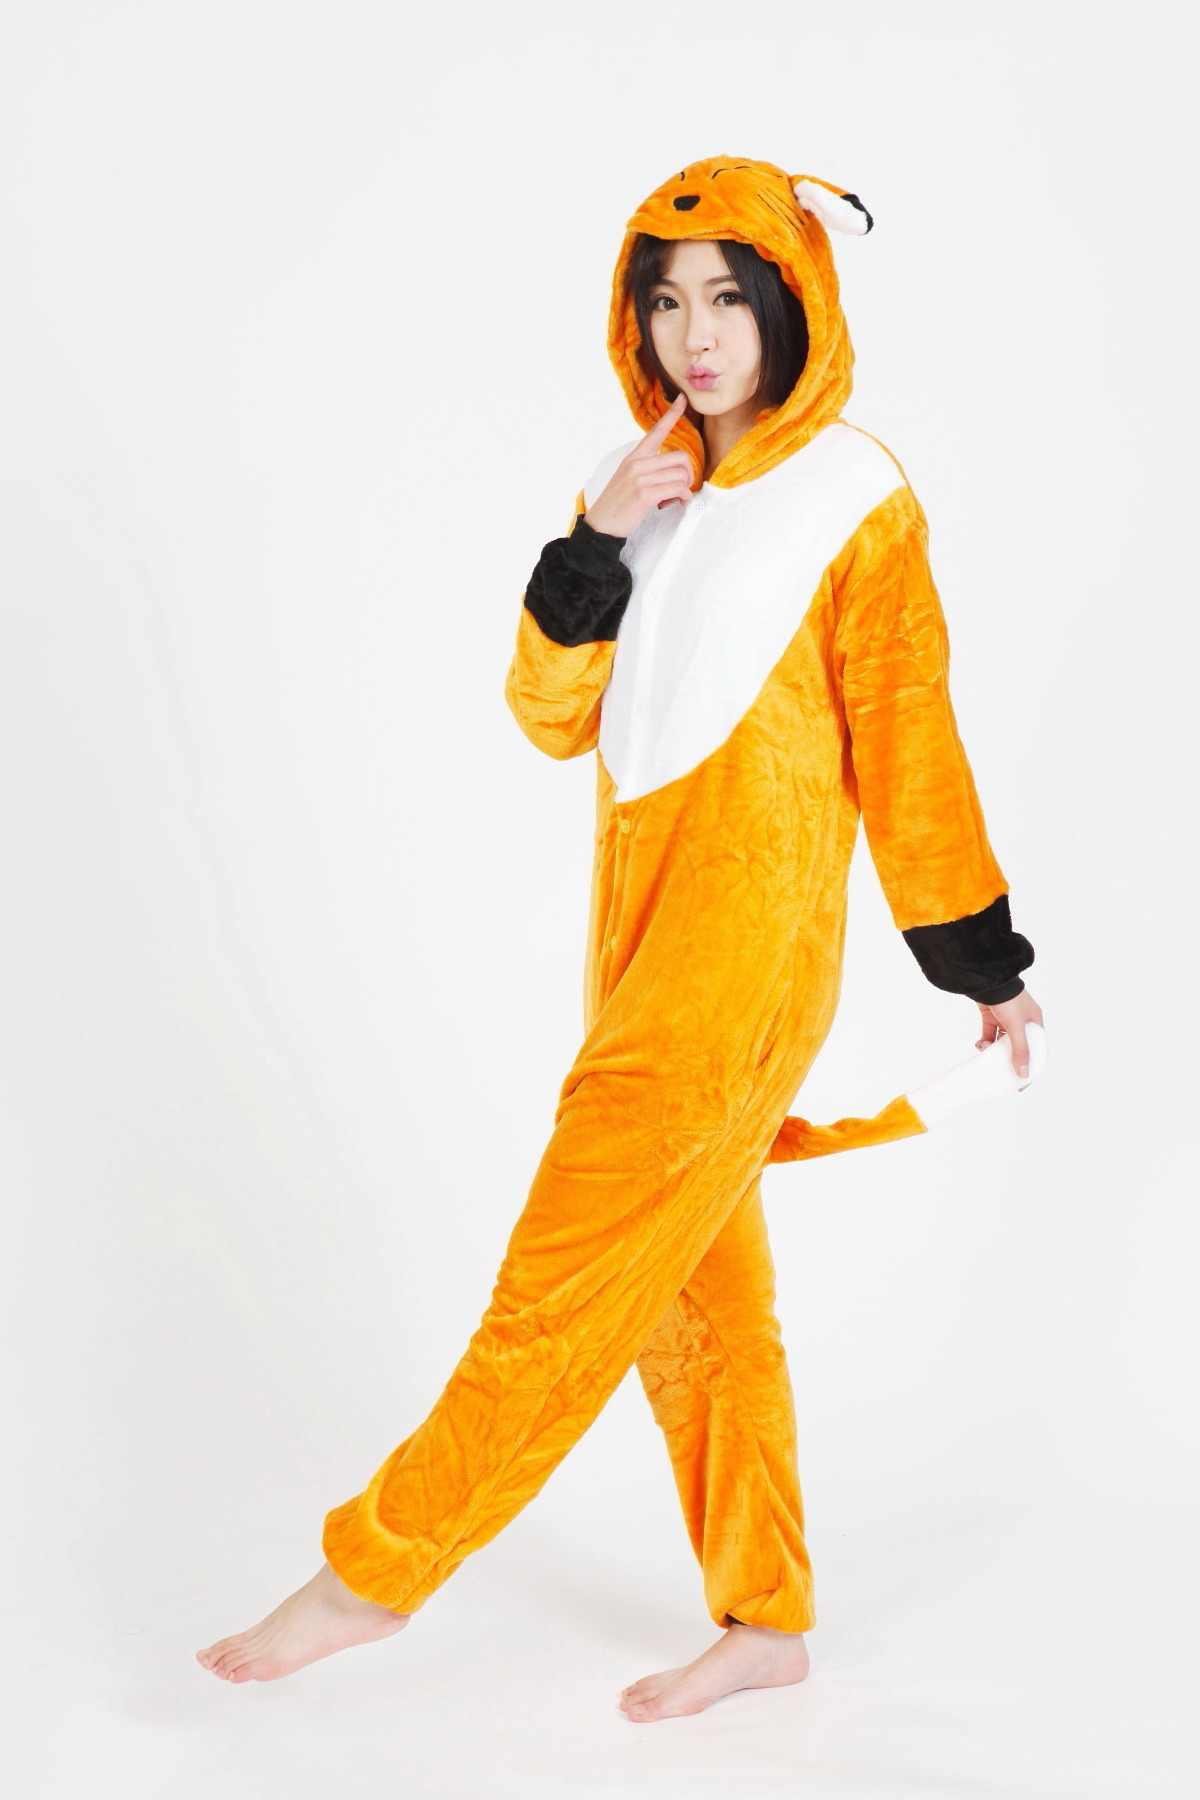 ... Кигуруми осень и зима животных мультфильм фланель желтый мягкий  комбинезон в виде лисы любителей пижамы для ... 07862f7296b2c